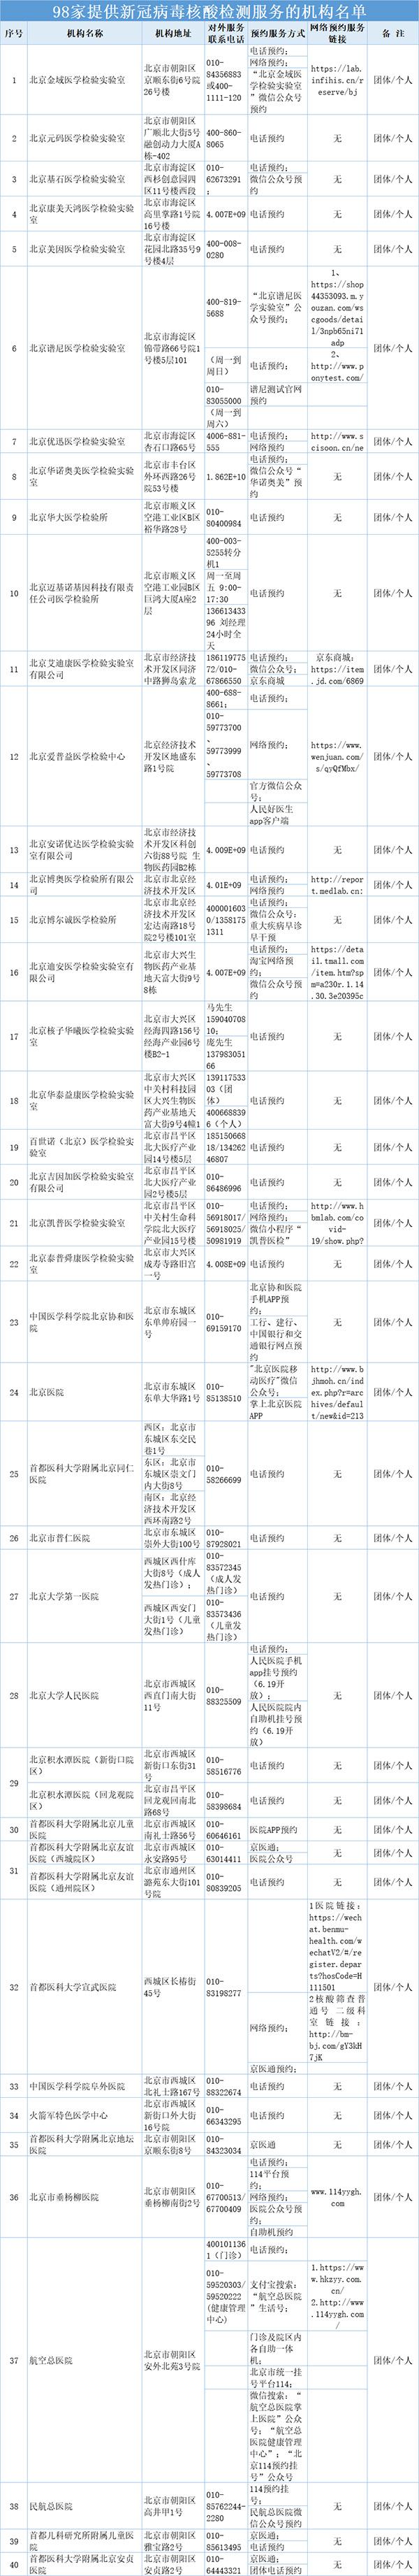 北京98所医疗卫生机构可提供核酸检测服务(附名单)